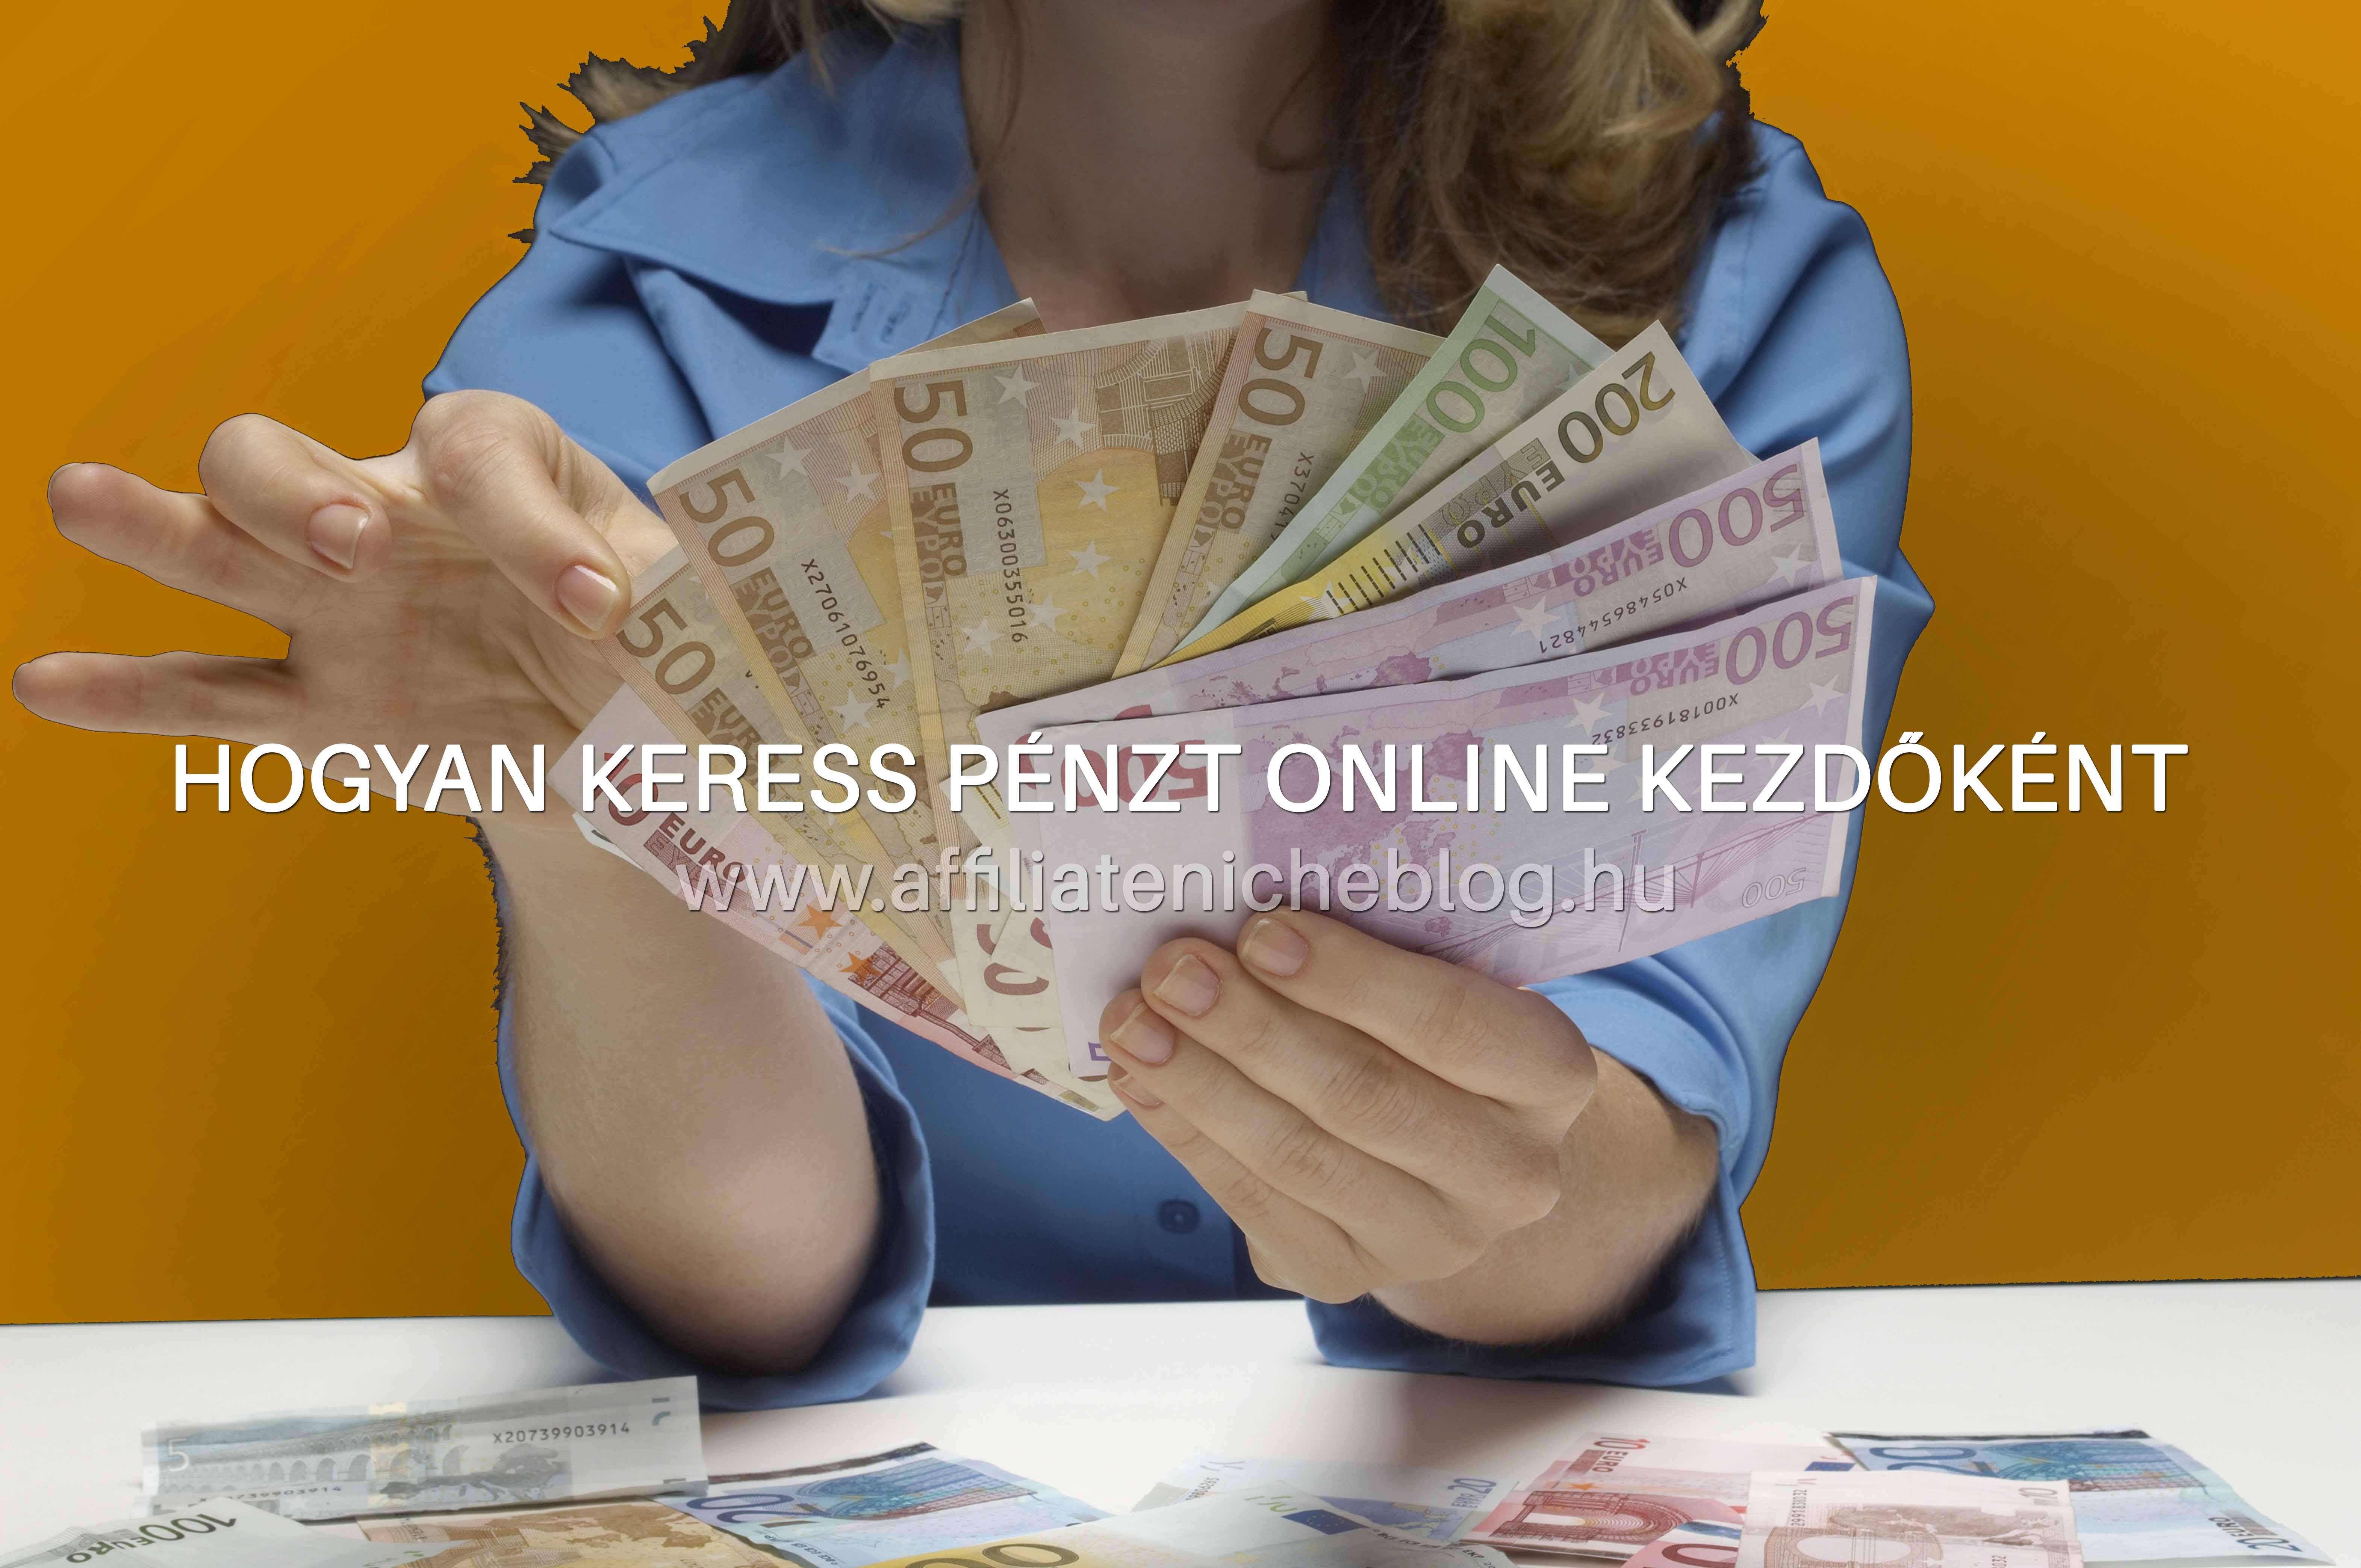 hol lehet online pénzt keresni)